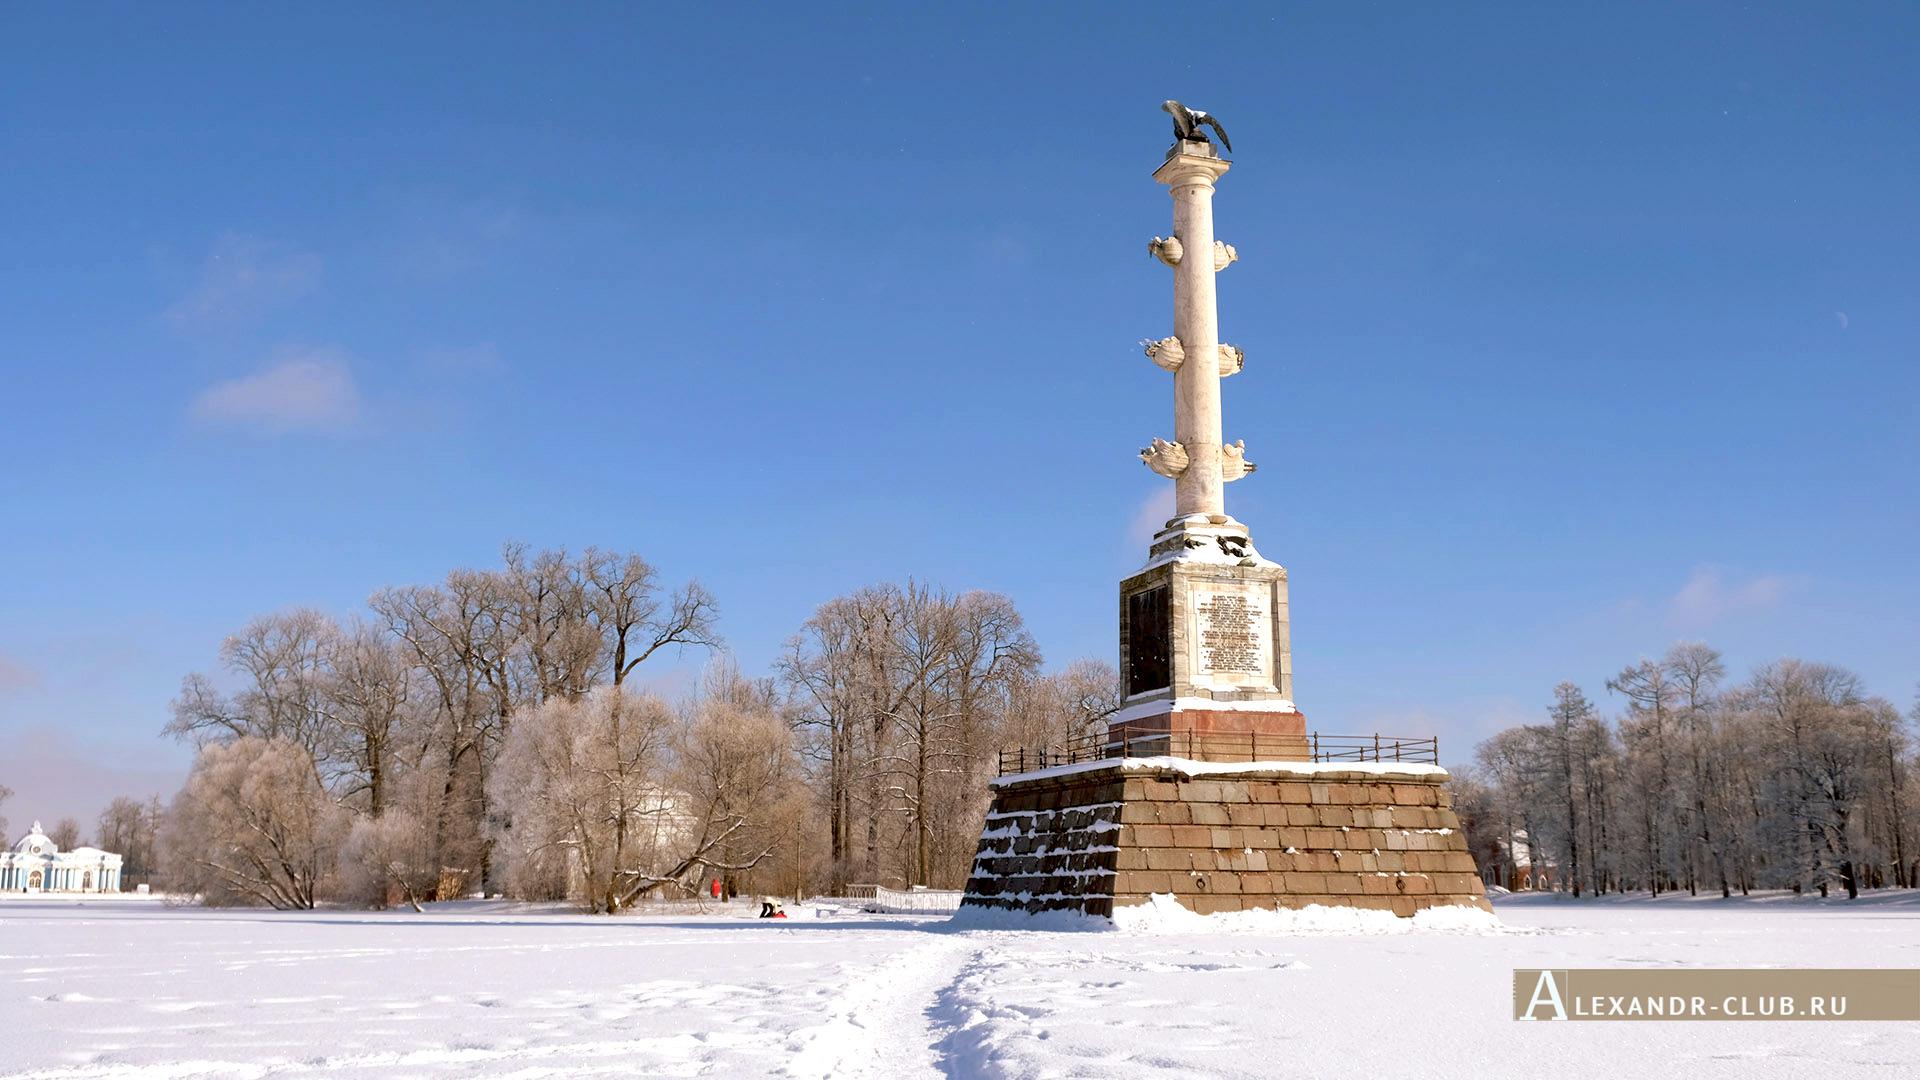 Царское Село, зима, Екатерининский парк, Чесменская колонна – 2